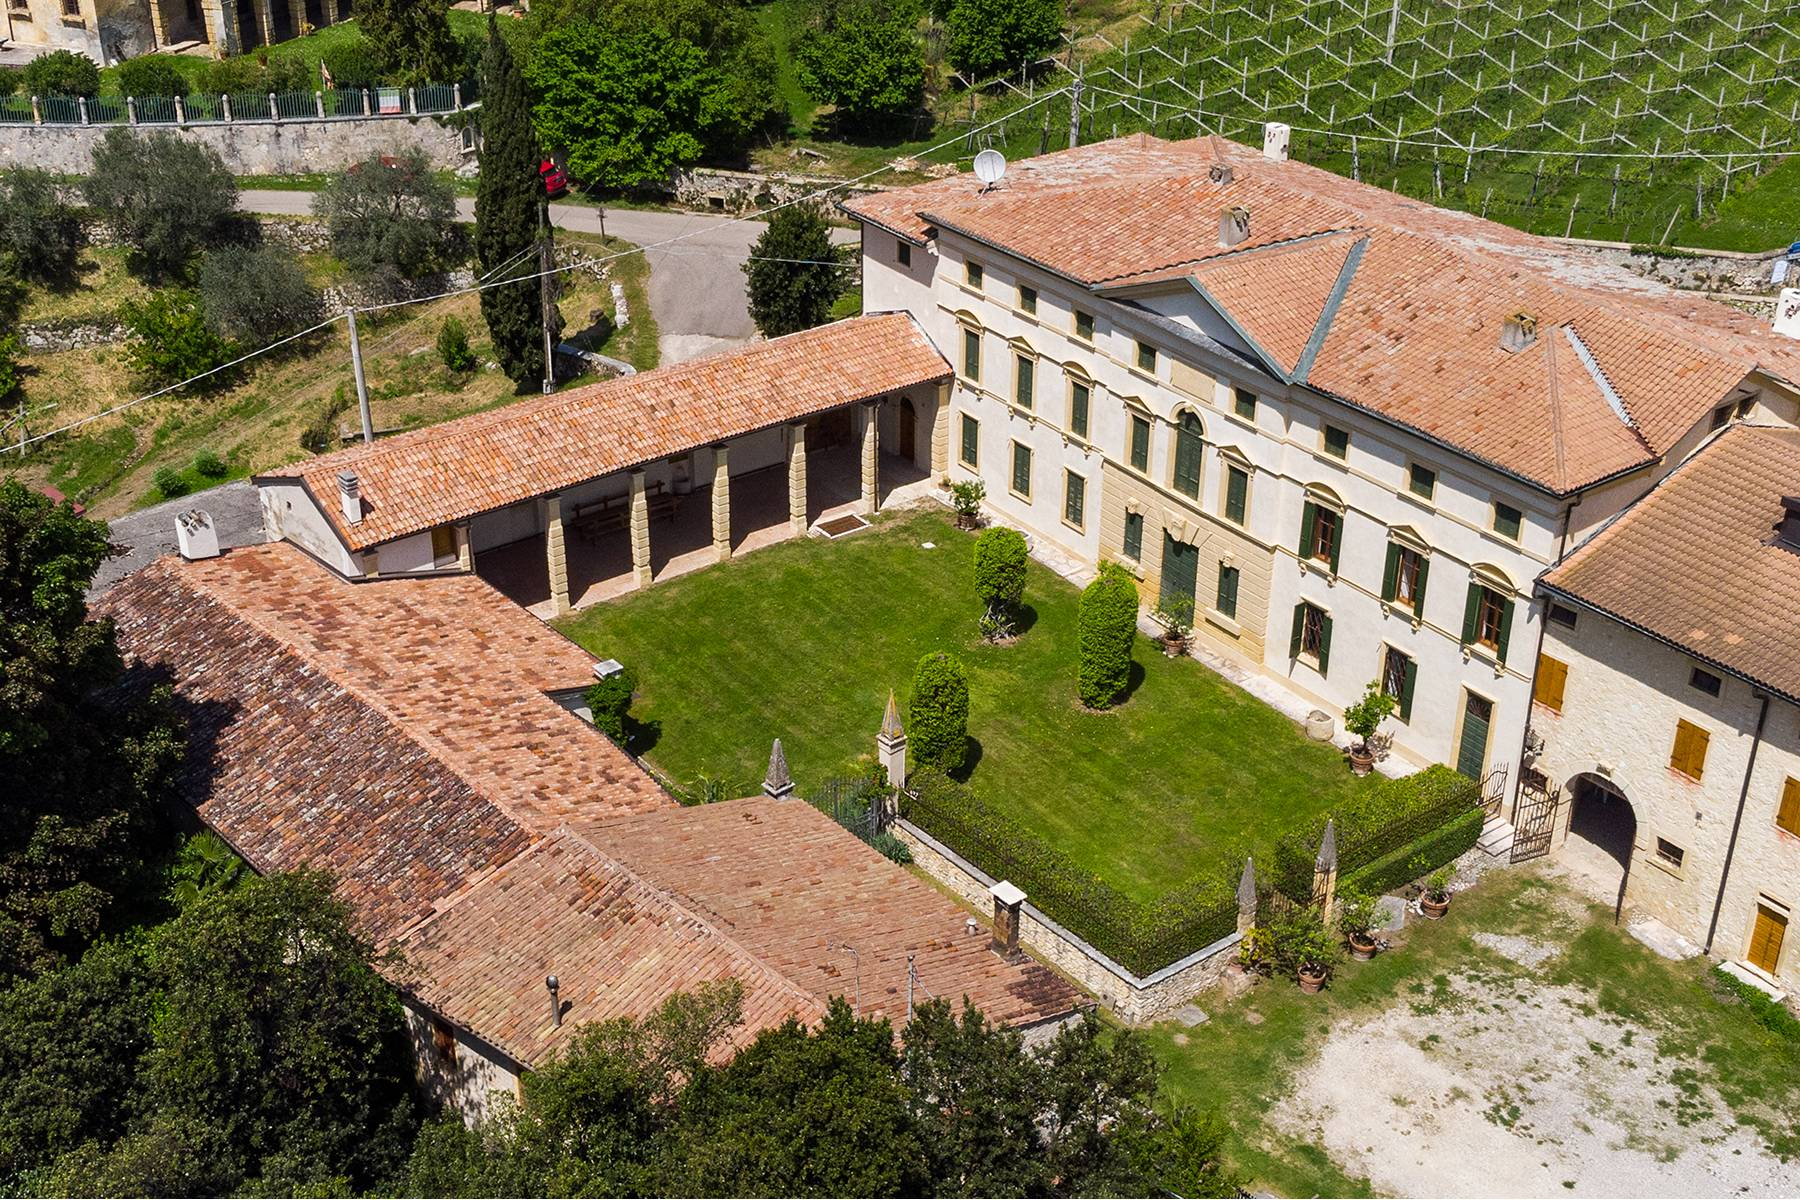 Historische Villa mit Park und prächtigem alten Keller, umgeben von Weinbergen - 2